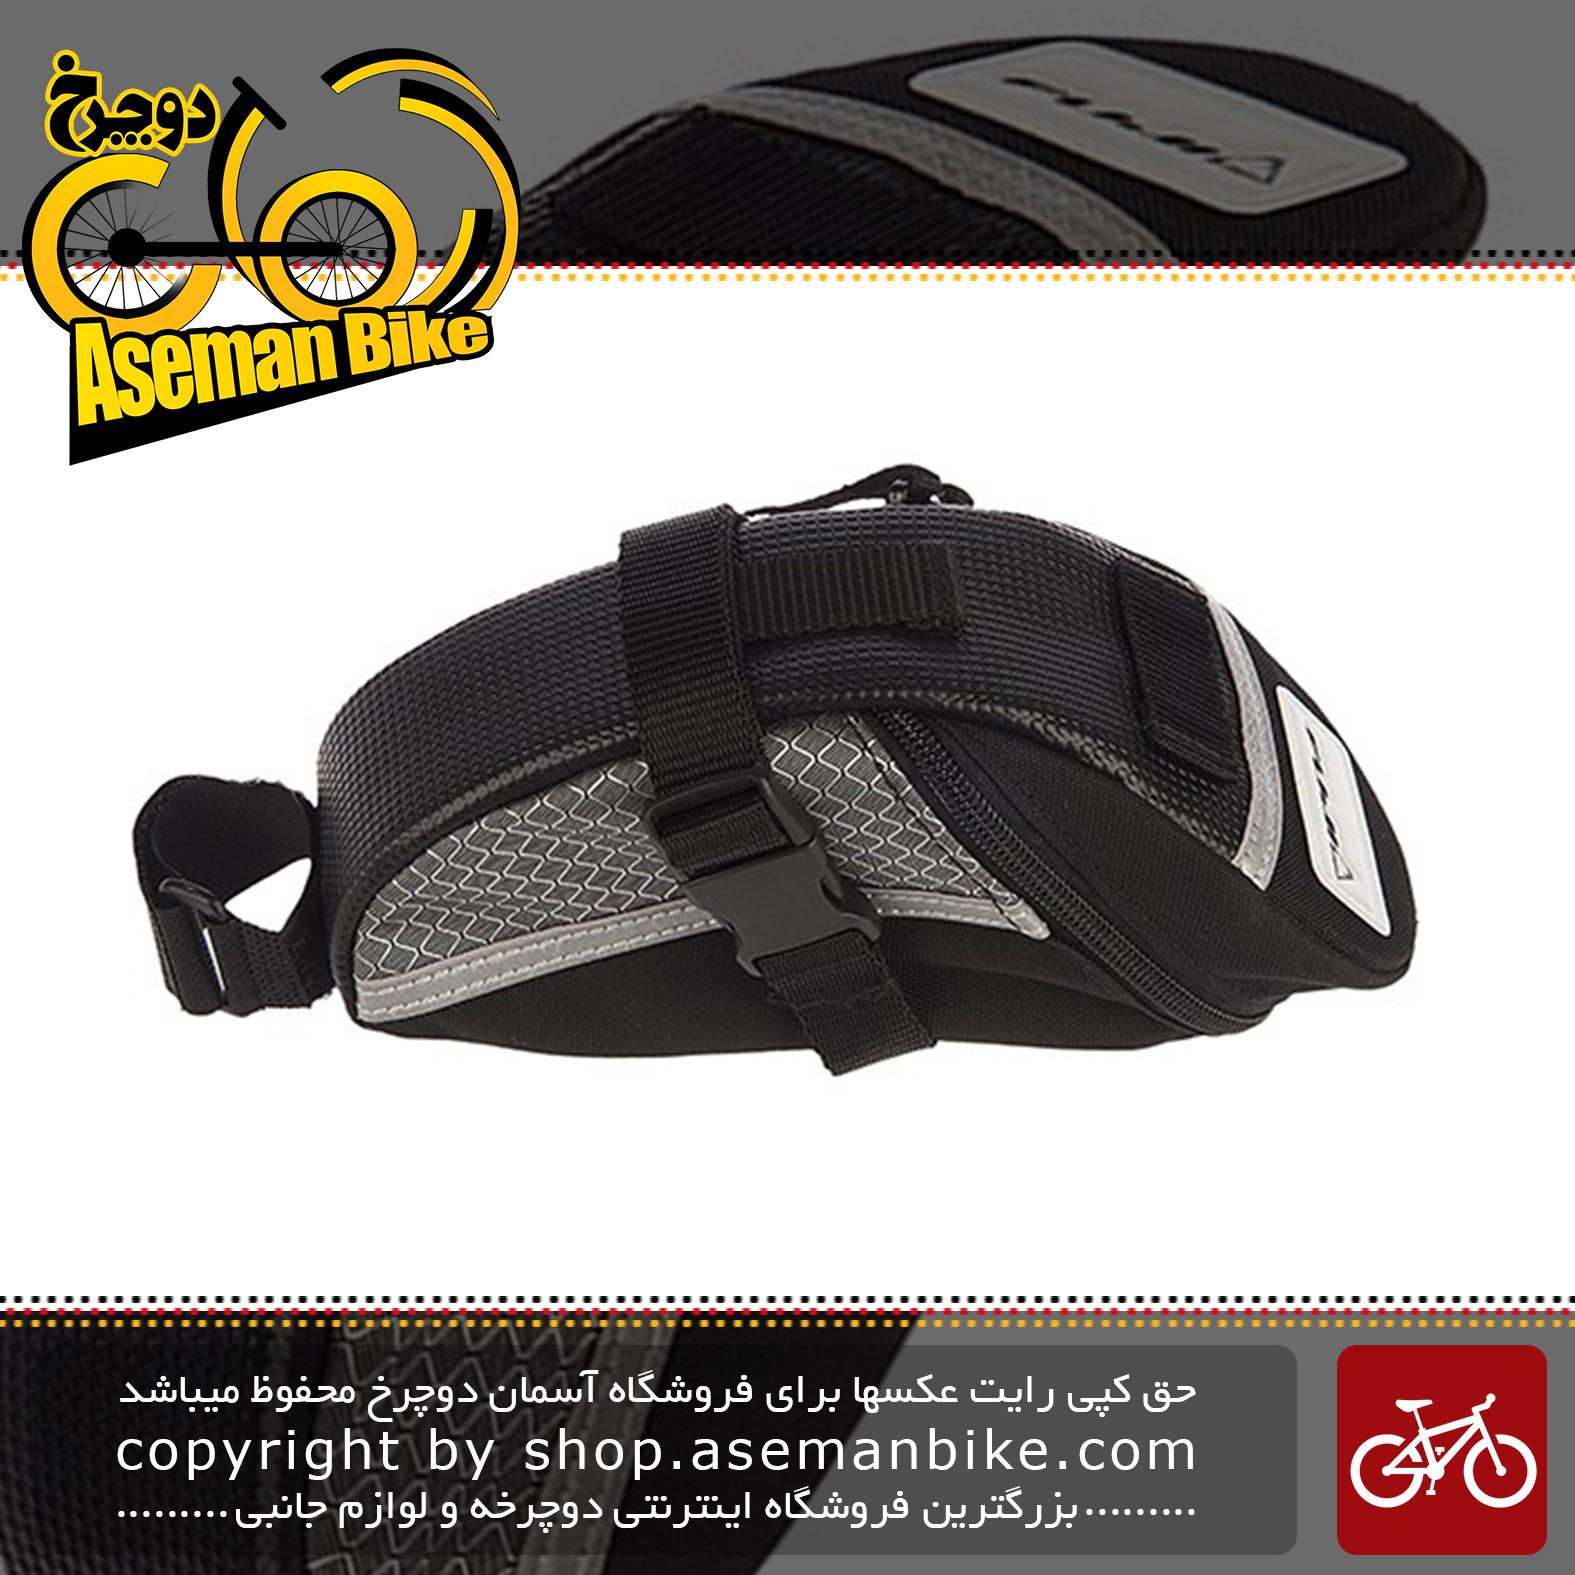 کيف زیر زين دوچرخه آل ترا مدل ساکوچه Sacoche Bicycle Bag